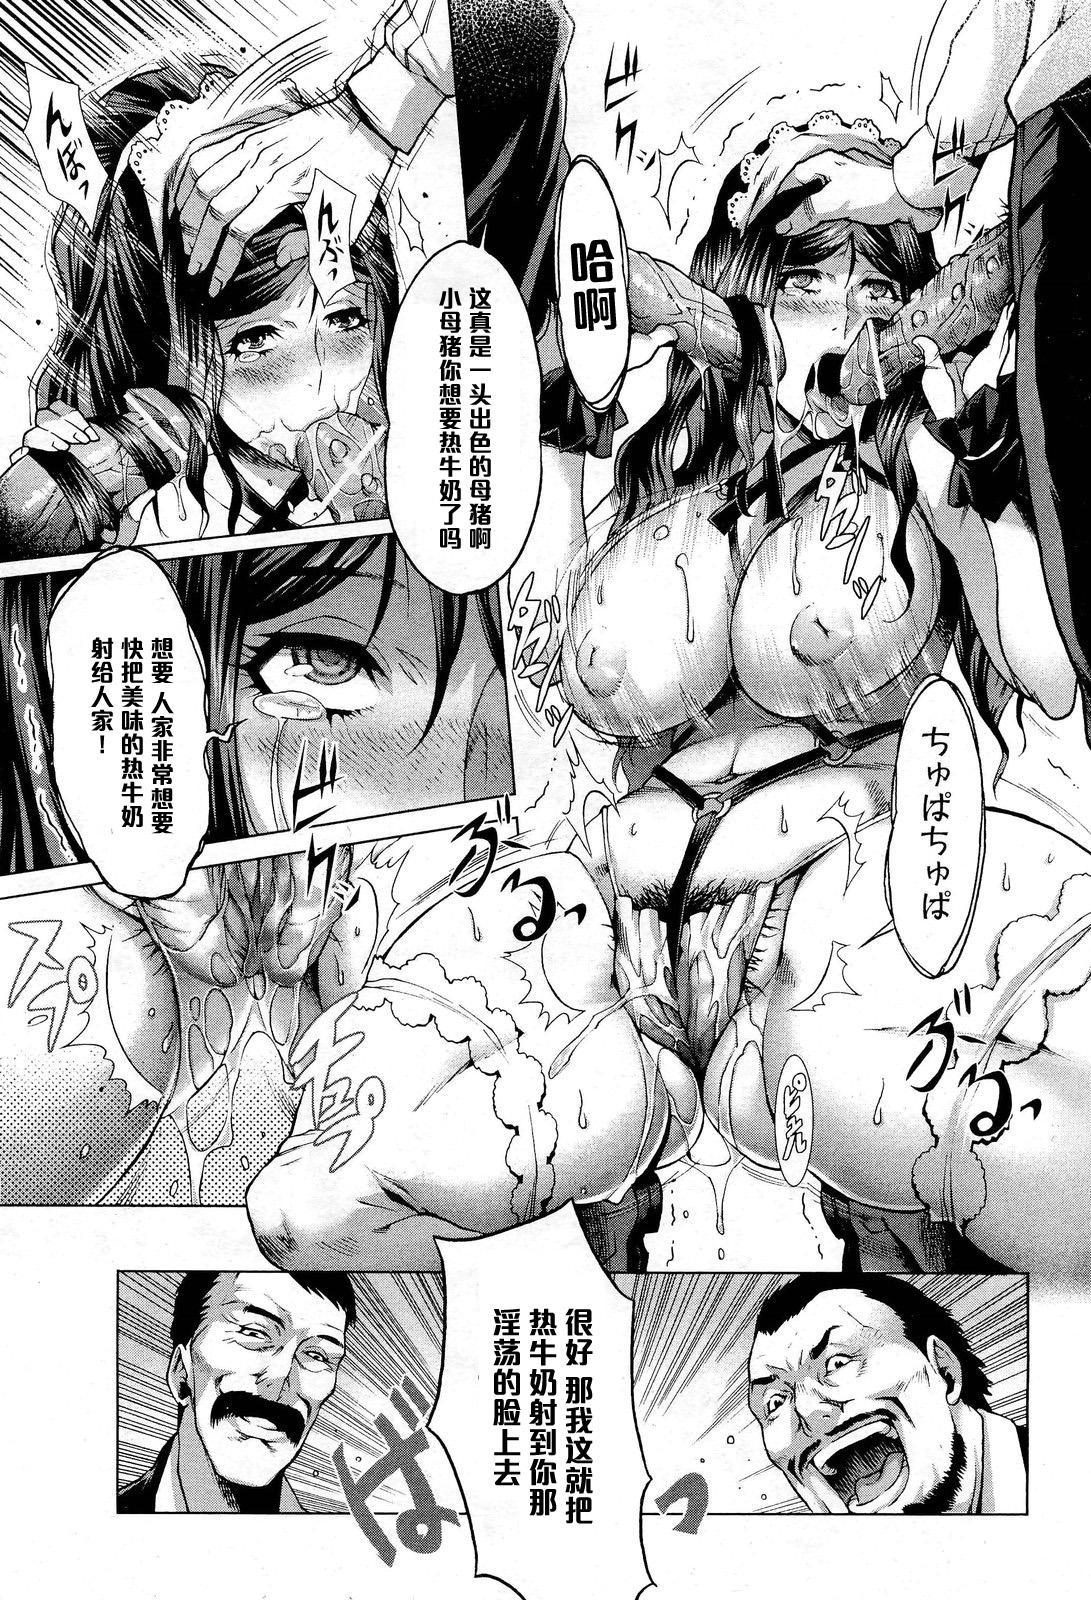 Koufuku no Daishou 11